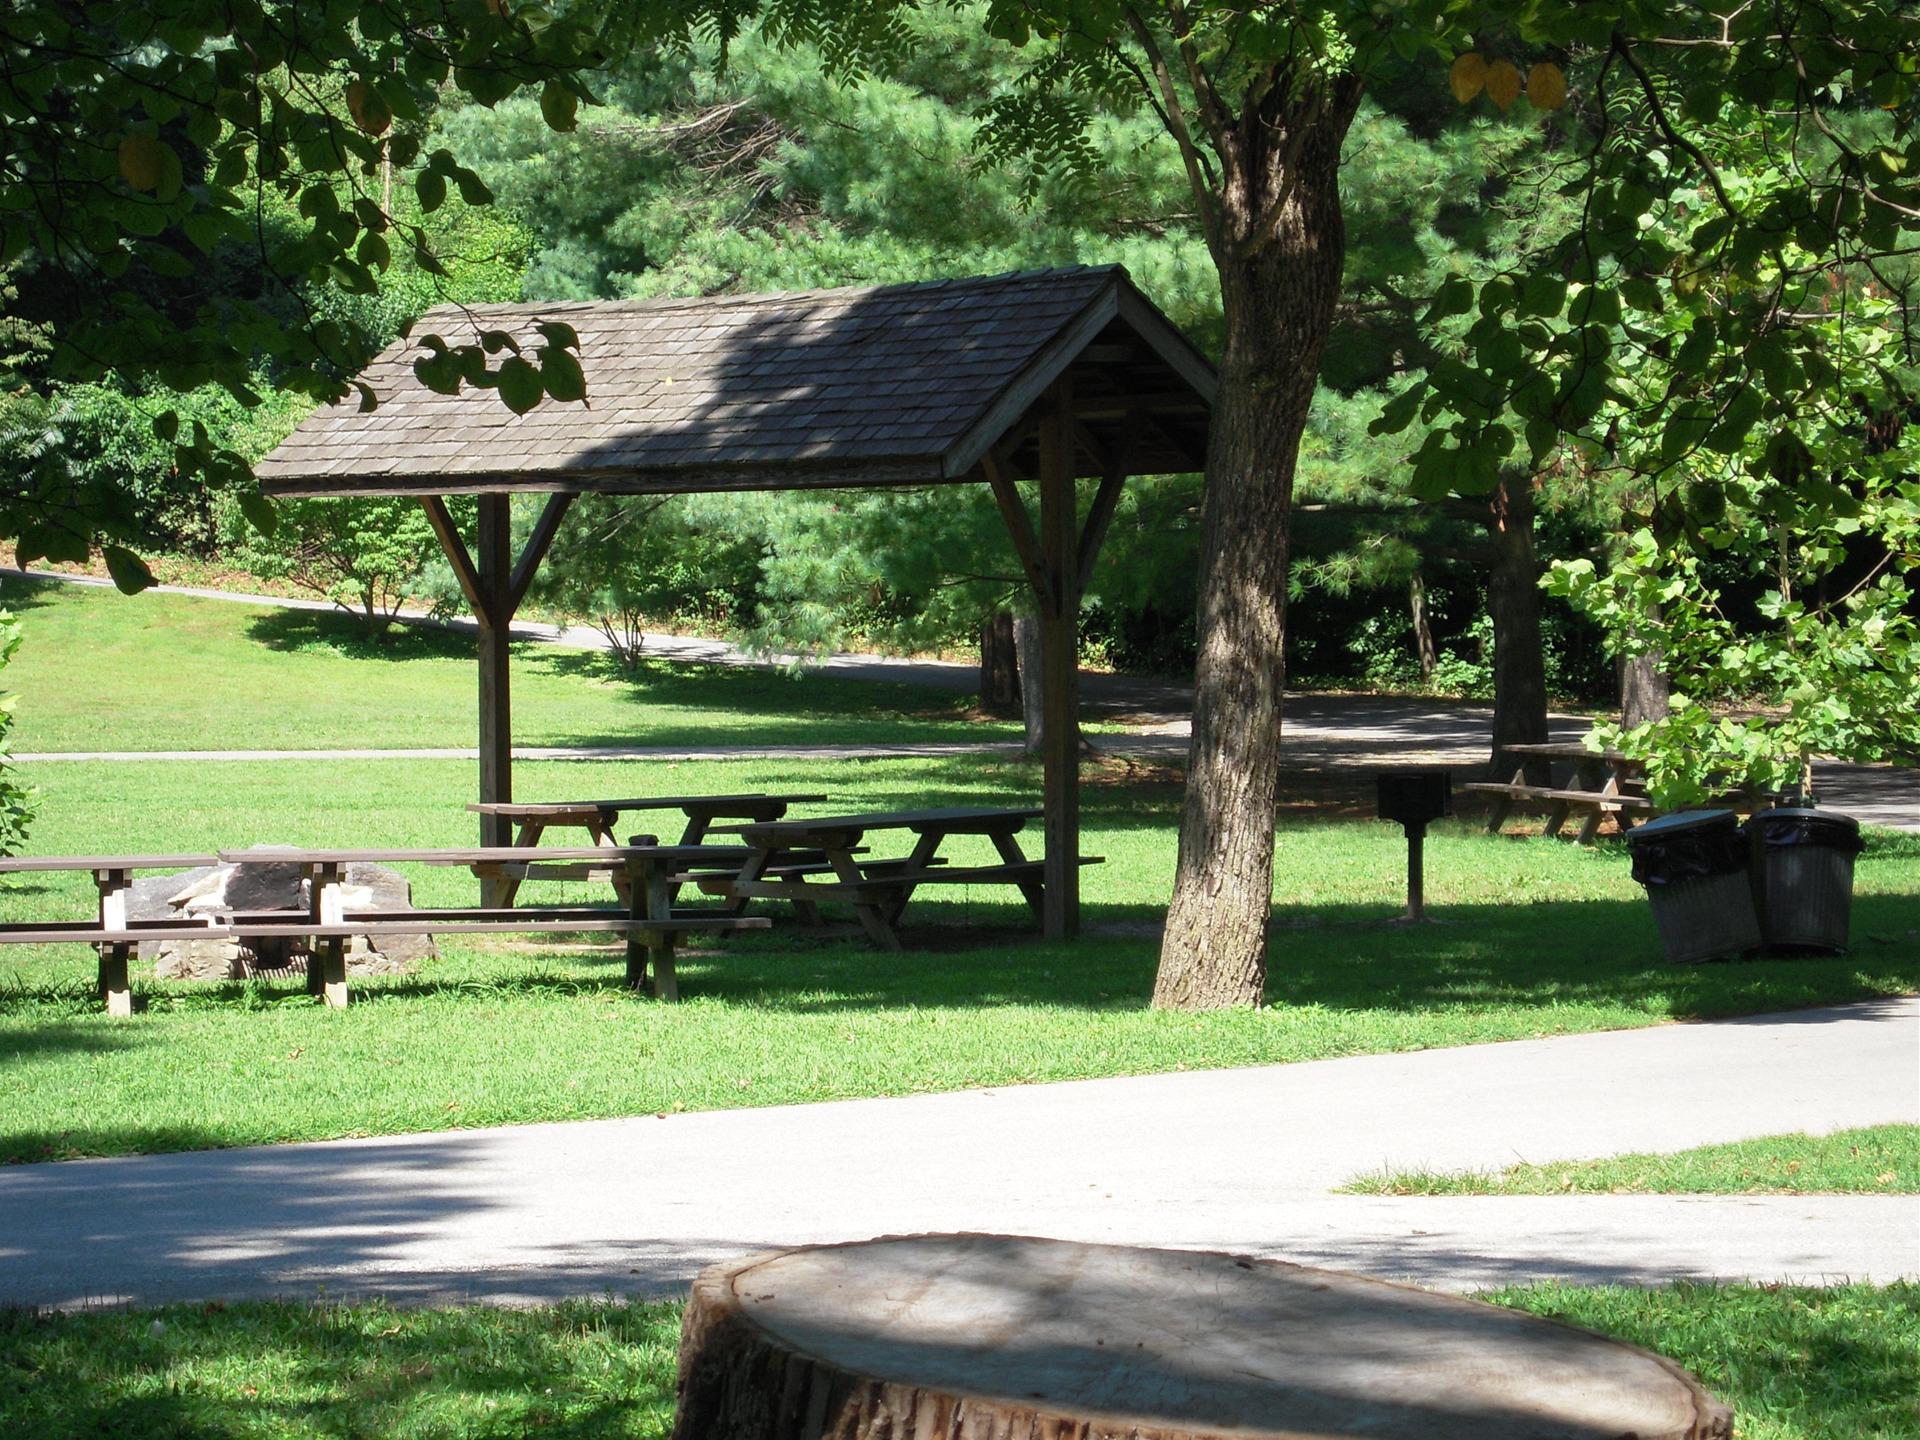 пикниковый городок в загородном парке фото почти круглые, голубоватым